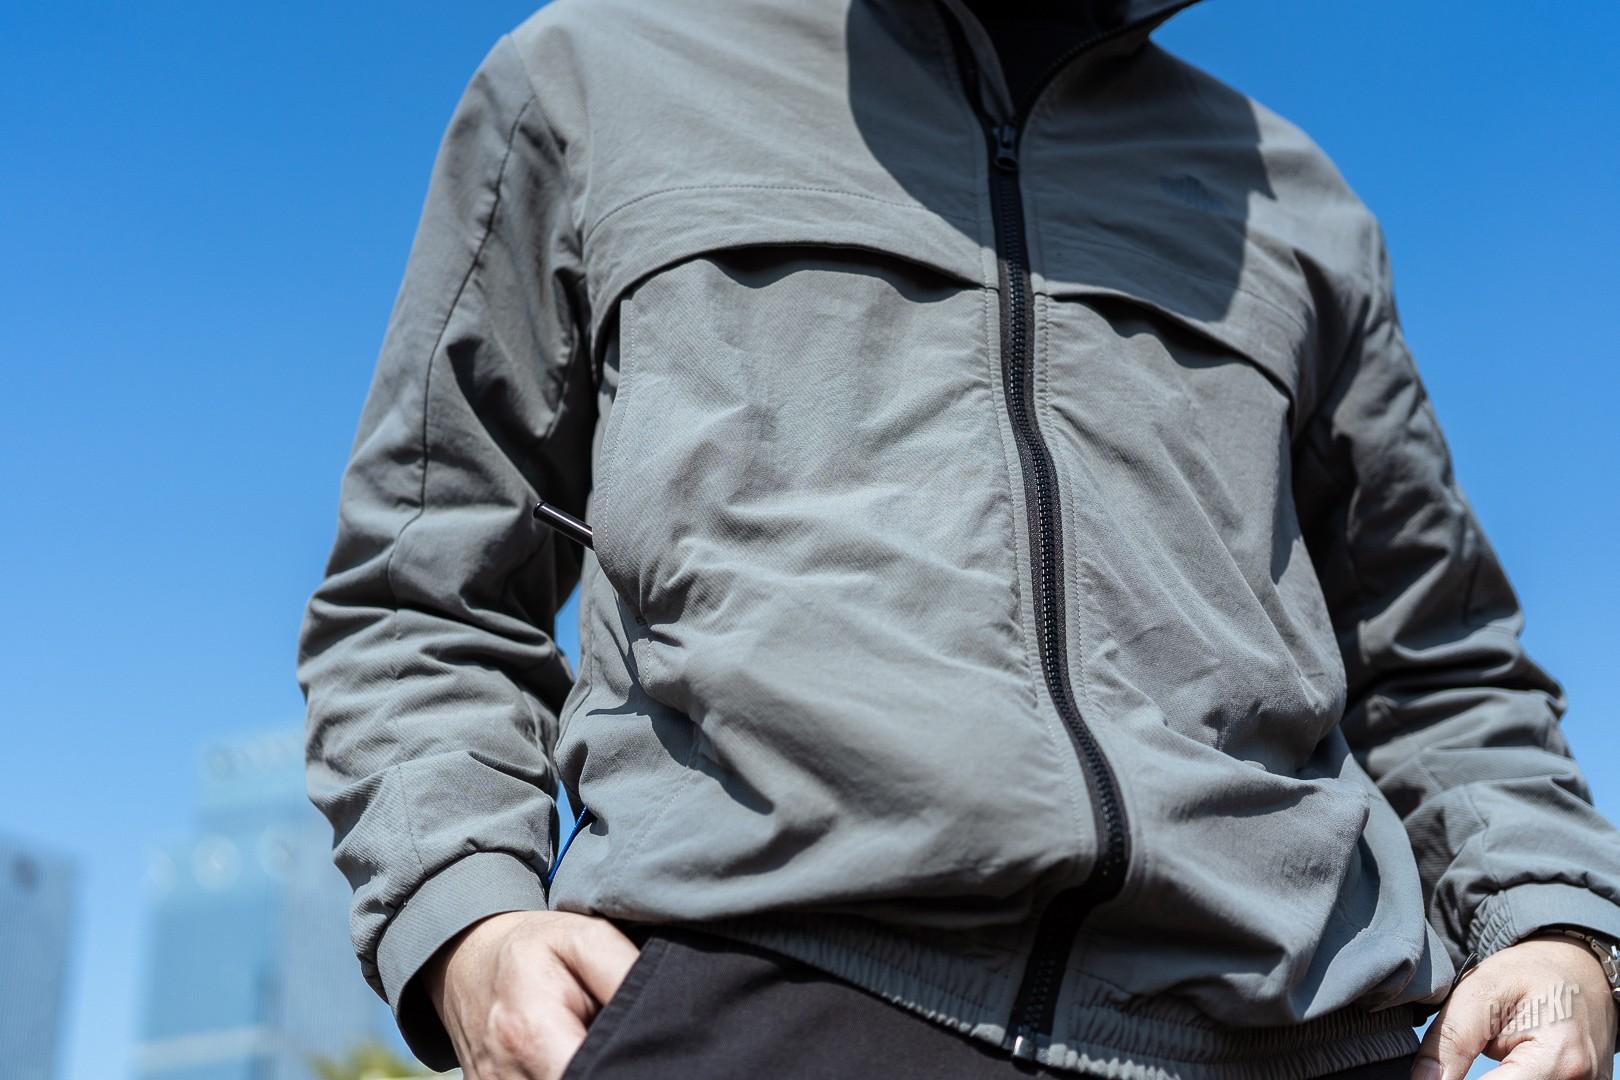 功能与时尚兼得的单导黑洞夹克简评